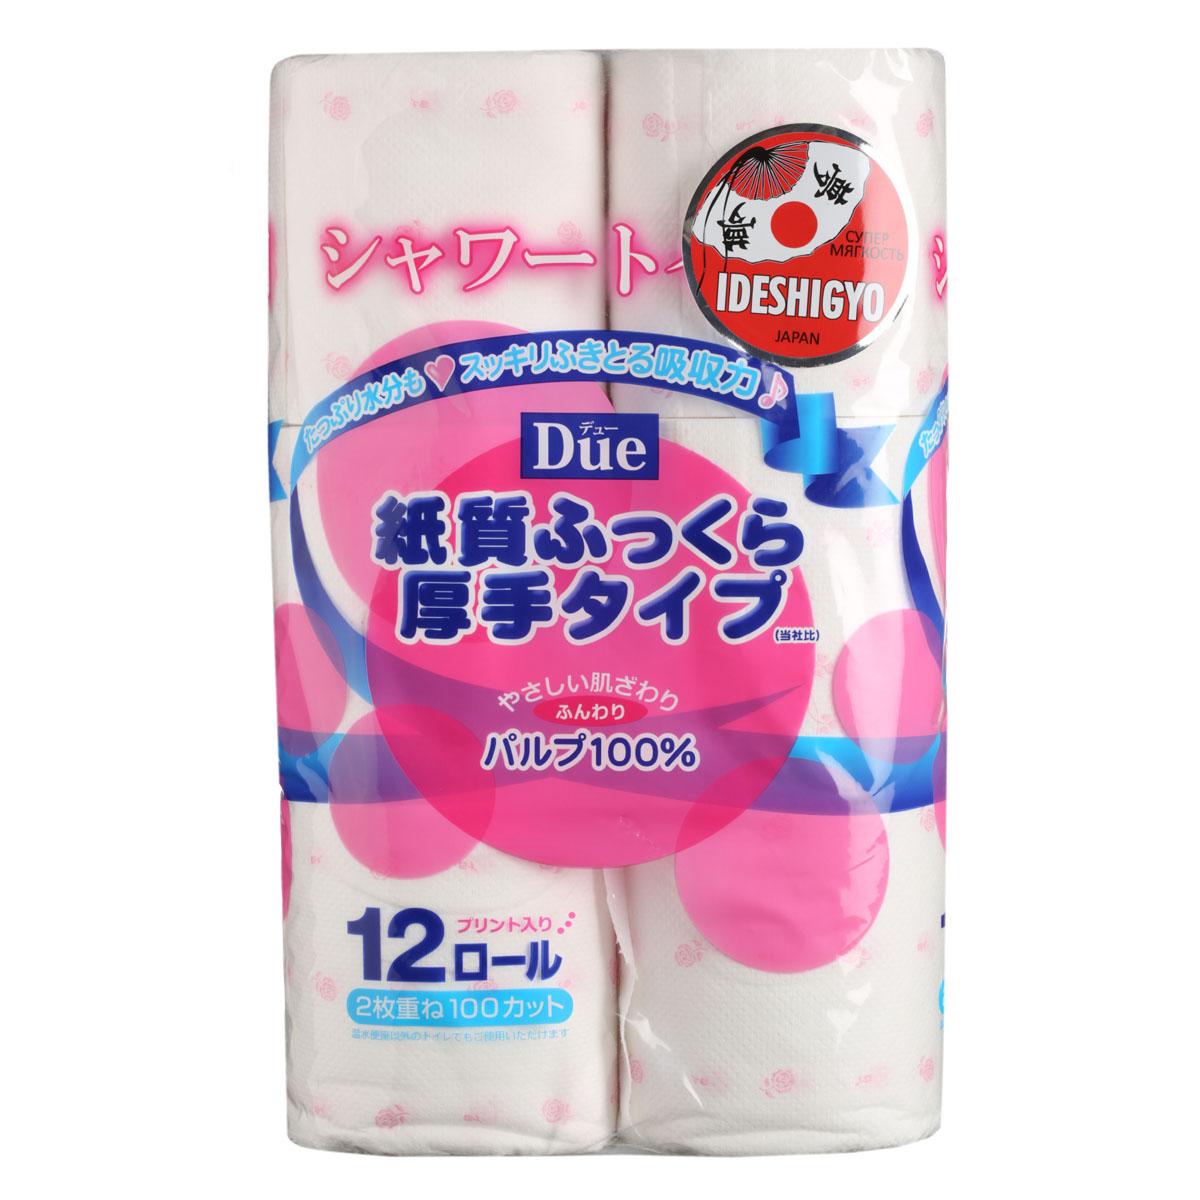 Туалетная бумага IDESHIGYO DUE, 2-х слойная, 12 рулонов13425Отличительной особенностью туалетной бумаги IDE является использование целлюлозы с длинными волокнами, что обеспечивает бумаге хорошую гибкость и нежное прикосновение. / Мгновенно впитывает даже большое количество воды, поскольку между слоями бумаги есть воздушное пространство, что позволяет сократить объемы используемой бумаги на треть. / Глубокие линии тиснения обеспечивают надежное соединение слоев и прочность бумаги. Туалетная бумага IDE изготовлена из природных материалов и воды из источников Фудзи, без использования флуоресцентных красителей. / В упаковке представлены 3 вида дизайна туалетной бумаги. / Подходит также для применения в качестве бумажных полотенец для биде. / Состав: натуральная 100% целлюлоза. / Срок годности не ограничен. /